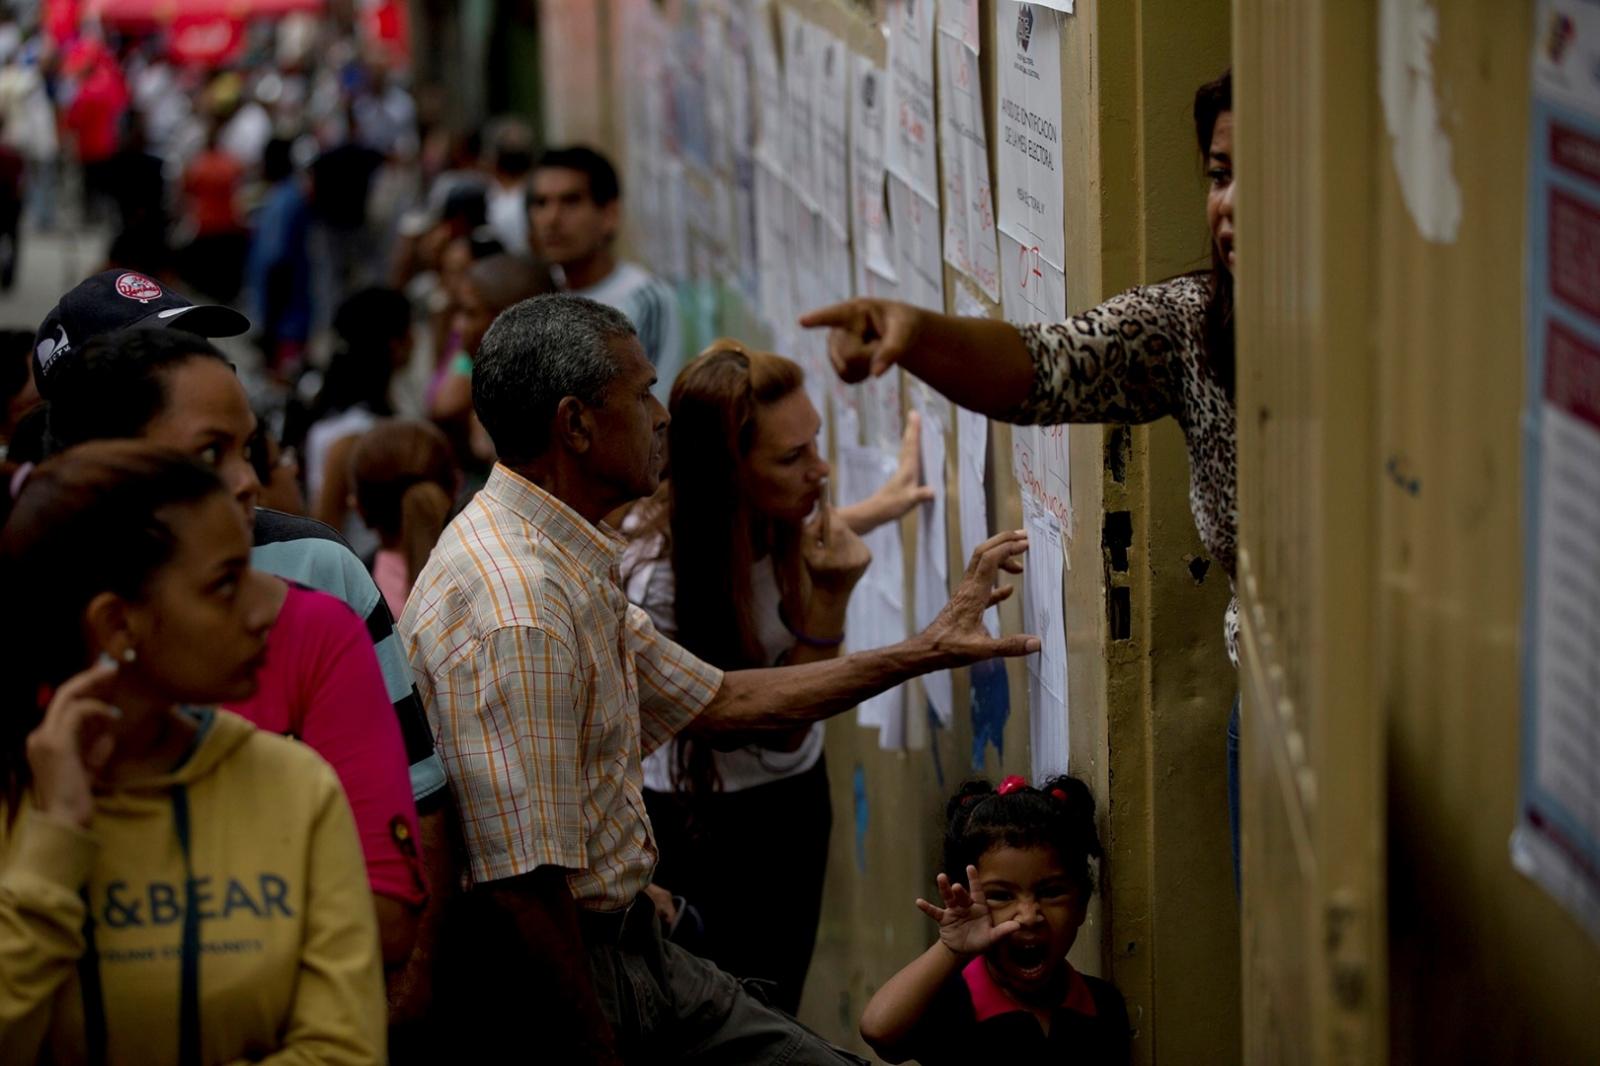 Santos plantea comicios generales en Venezuela con ente electoral